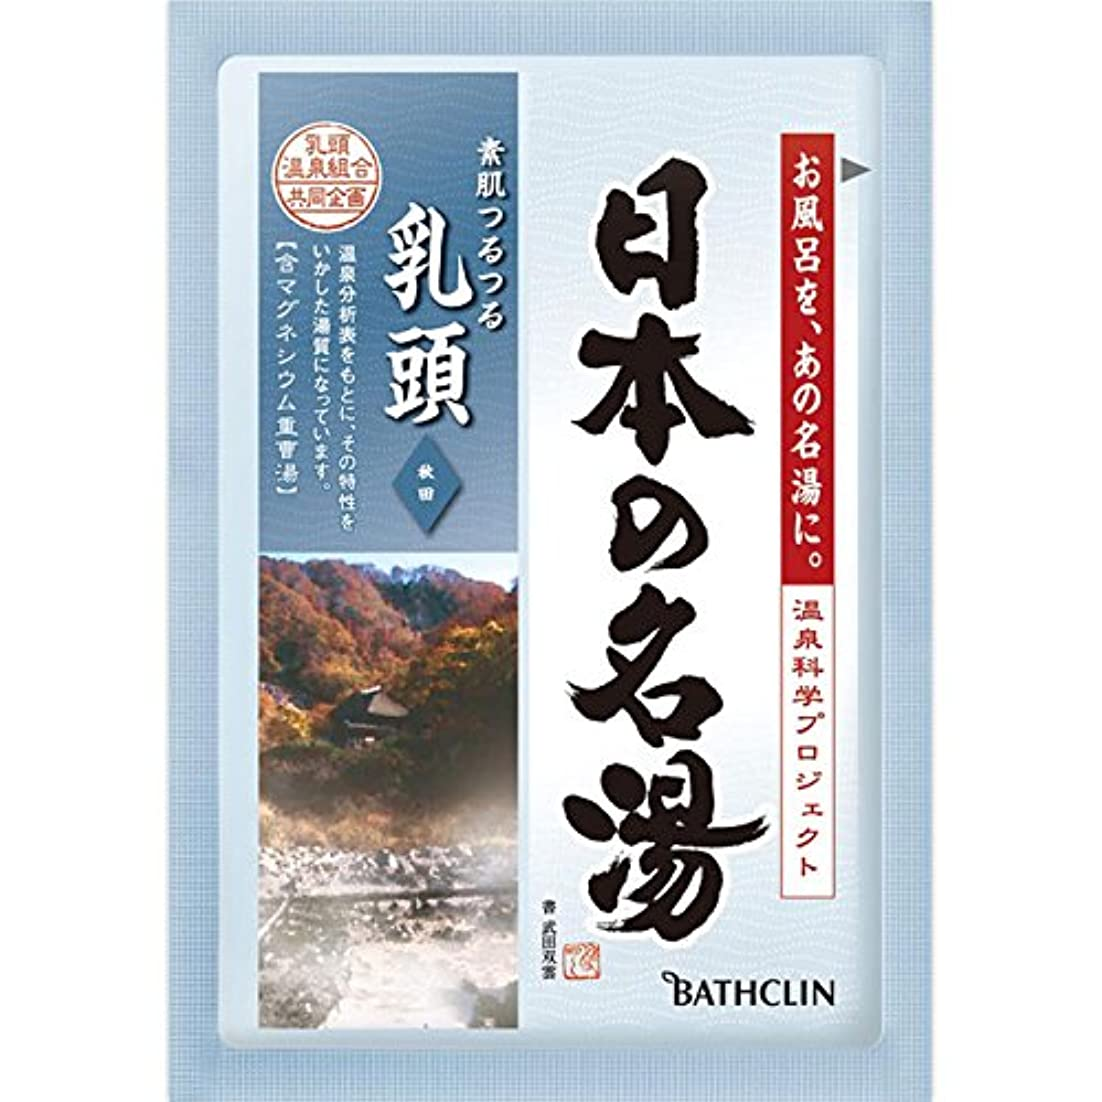 モットー研磨剤広がりバスクリン 日本の名湯 乳頭 30g (医薬部外品)